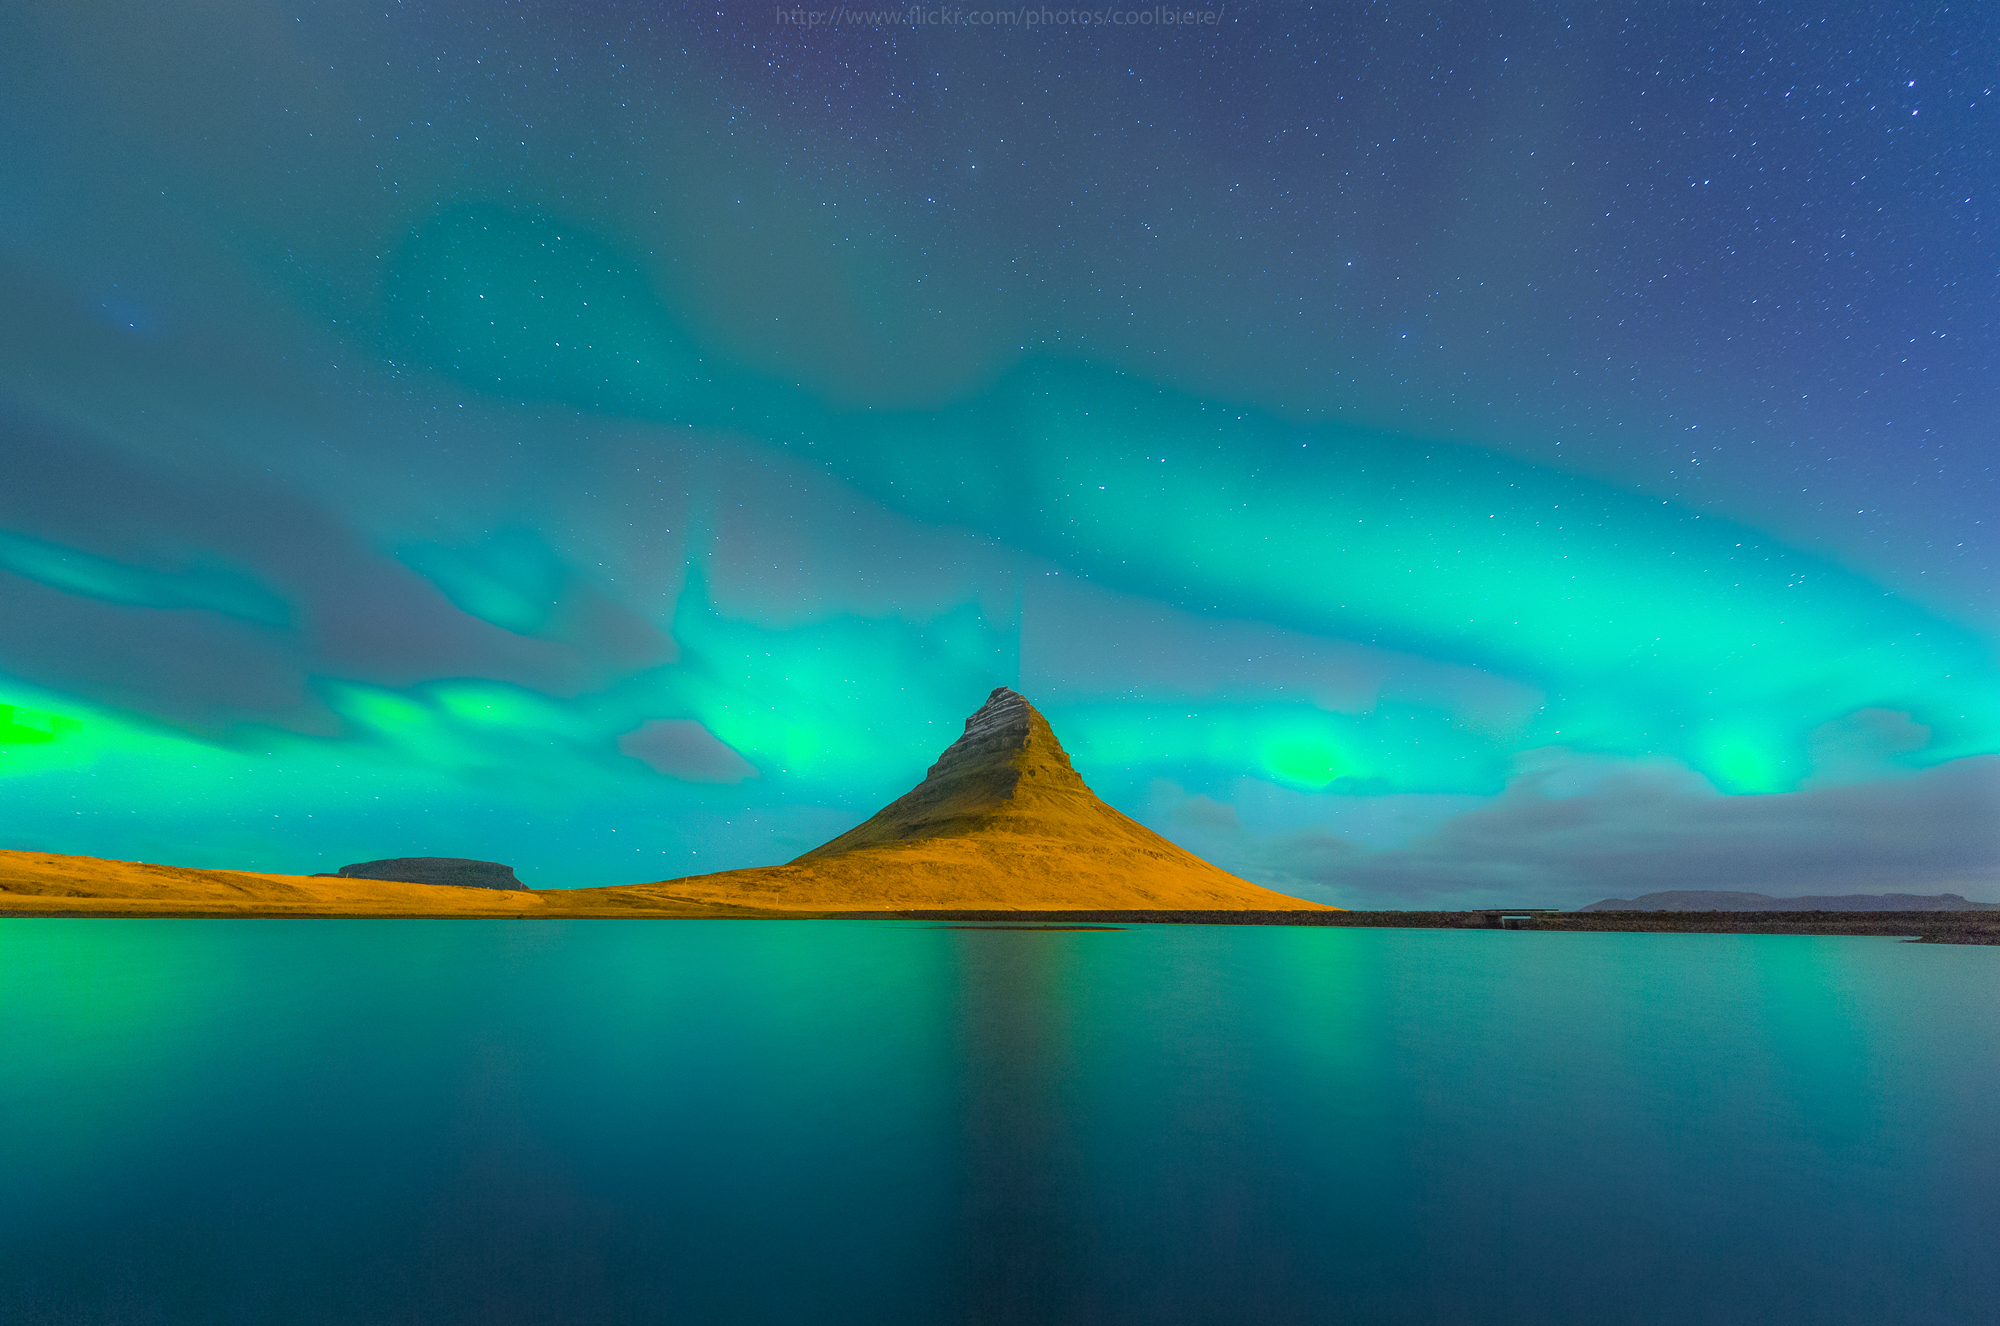 Un cielo espectacular - 2000x1326